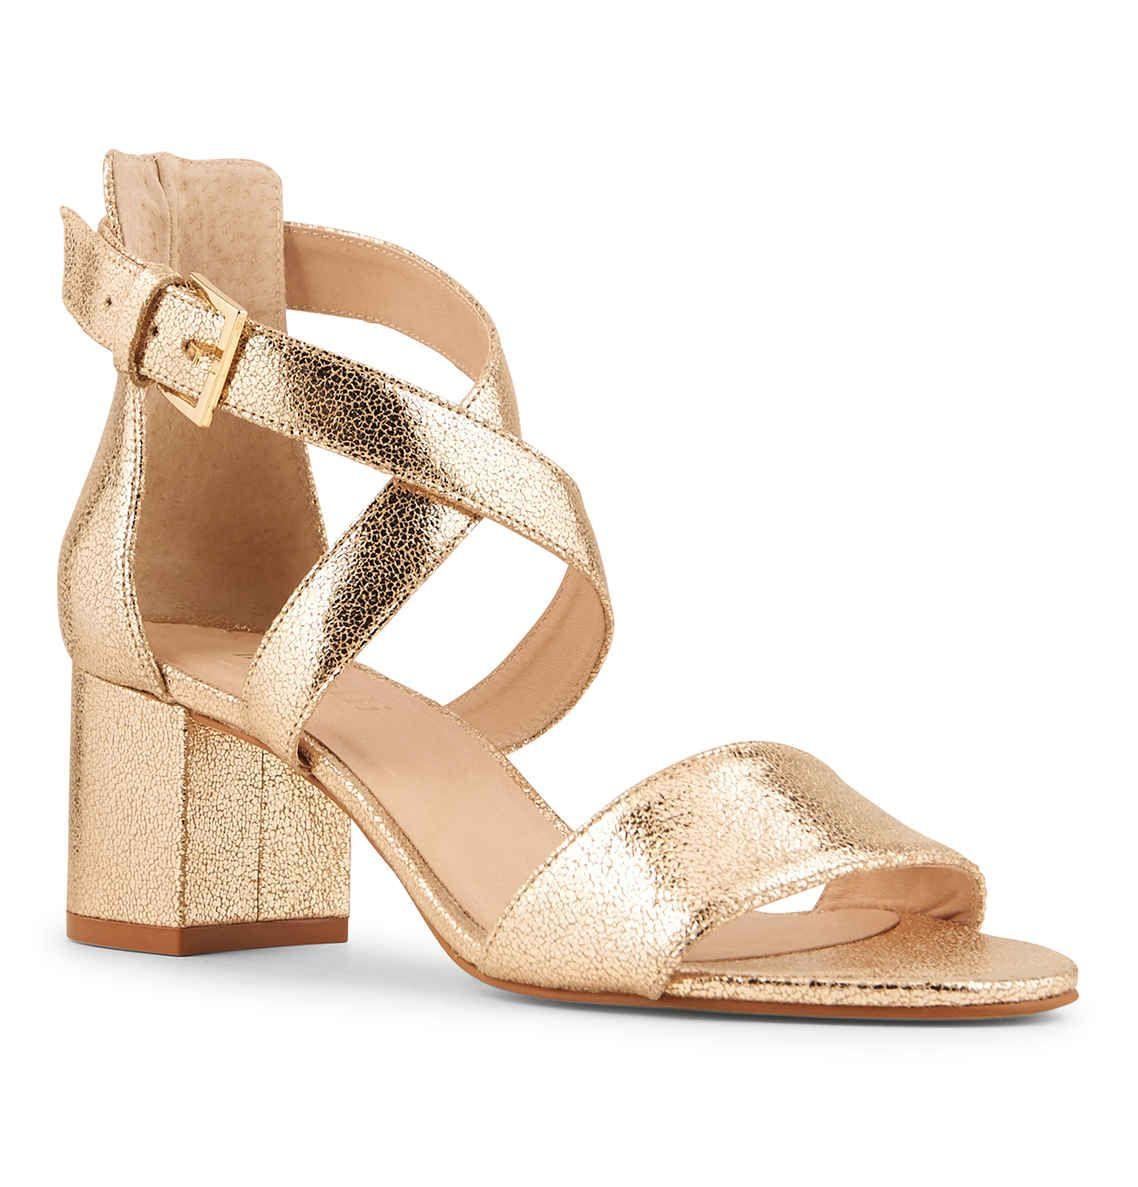 Sandales Avec Sangle Confortable Bronze S.oliver Étiquette Rouge 9g6NdJ1